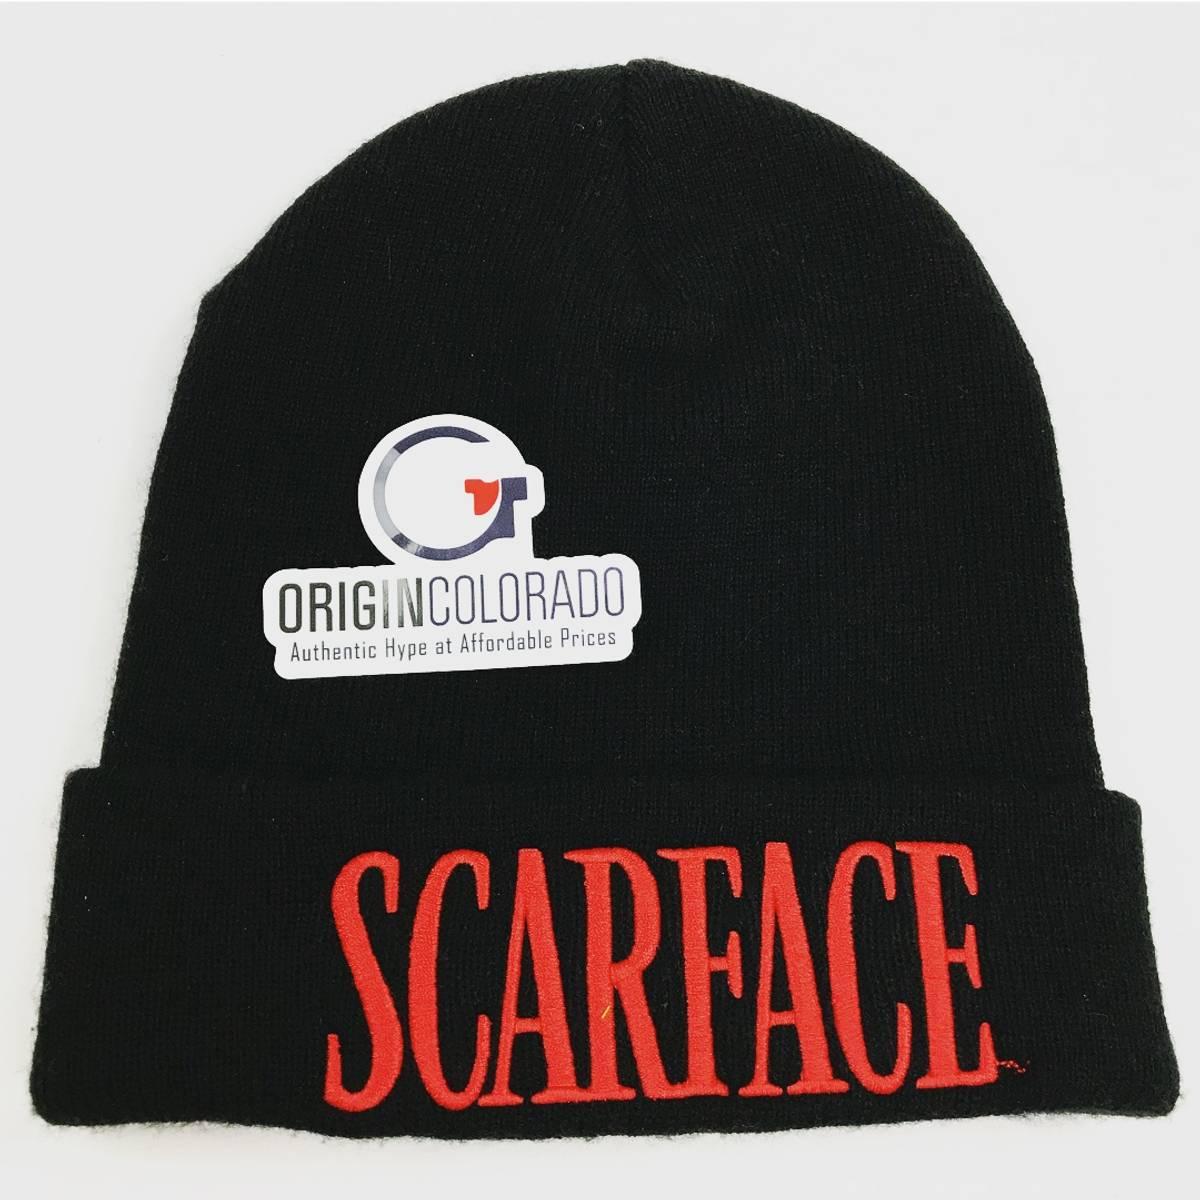 1a3e4fbf20985 Supreme ×. Supreme x Scarface Beanie Black